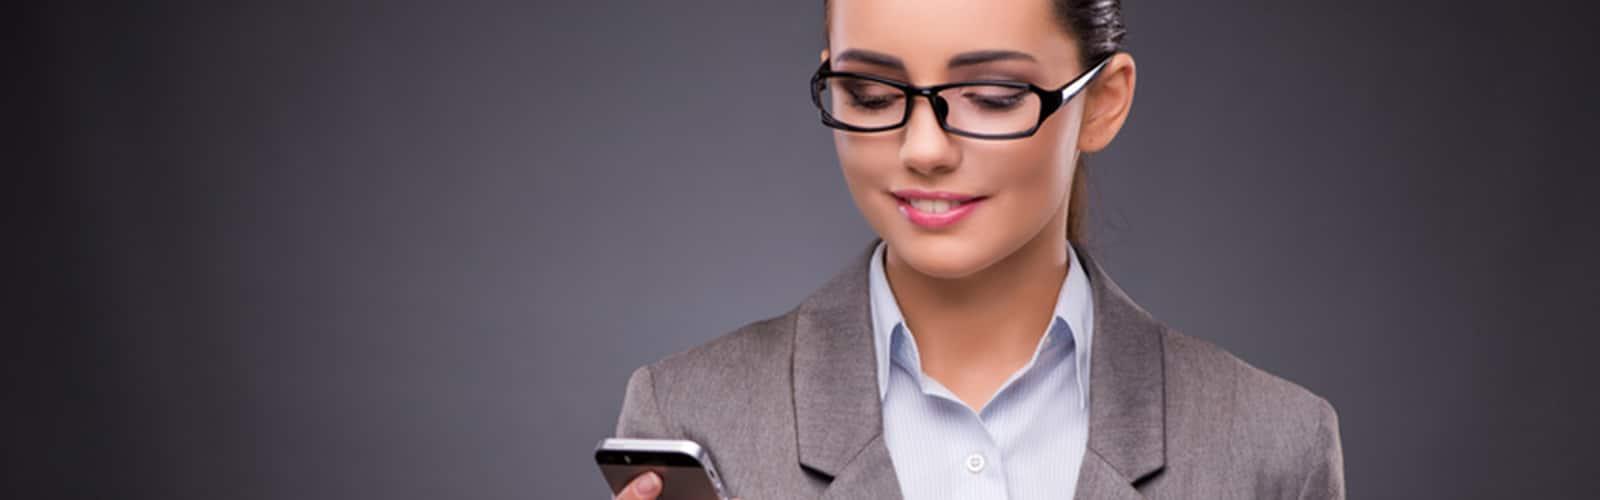 SMS pro : La législation